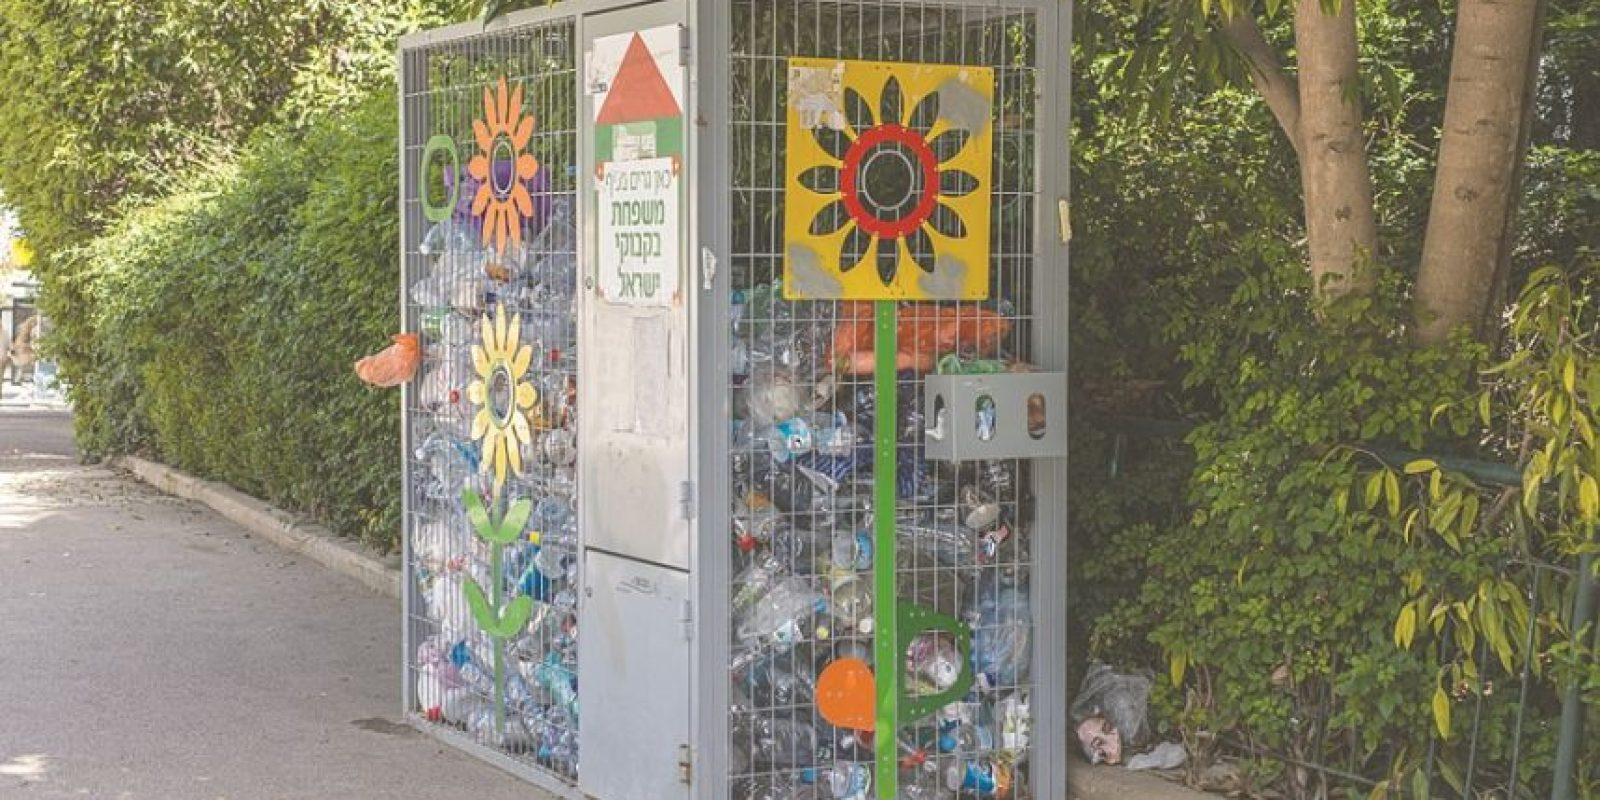 6- Israel con el reciclaje como prioridad. Colocado en el tope de los países de medio este y norte de África, Israel continúa adelantando medidas ambientales a través del Ministerio de Protección del Medio Ambiente, principalmente para reducir la cantidad de desperdicios sólidos, aumentar el reciclaje y reducir contaminantes que afectan el aire.